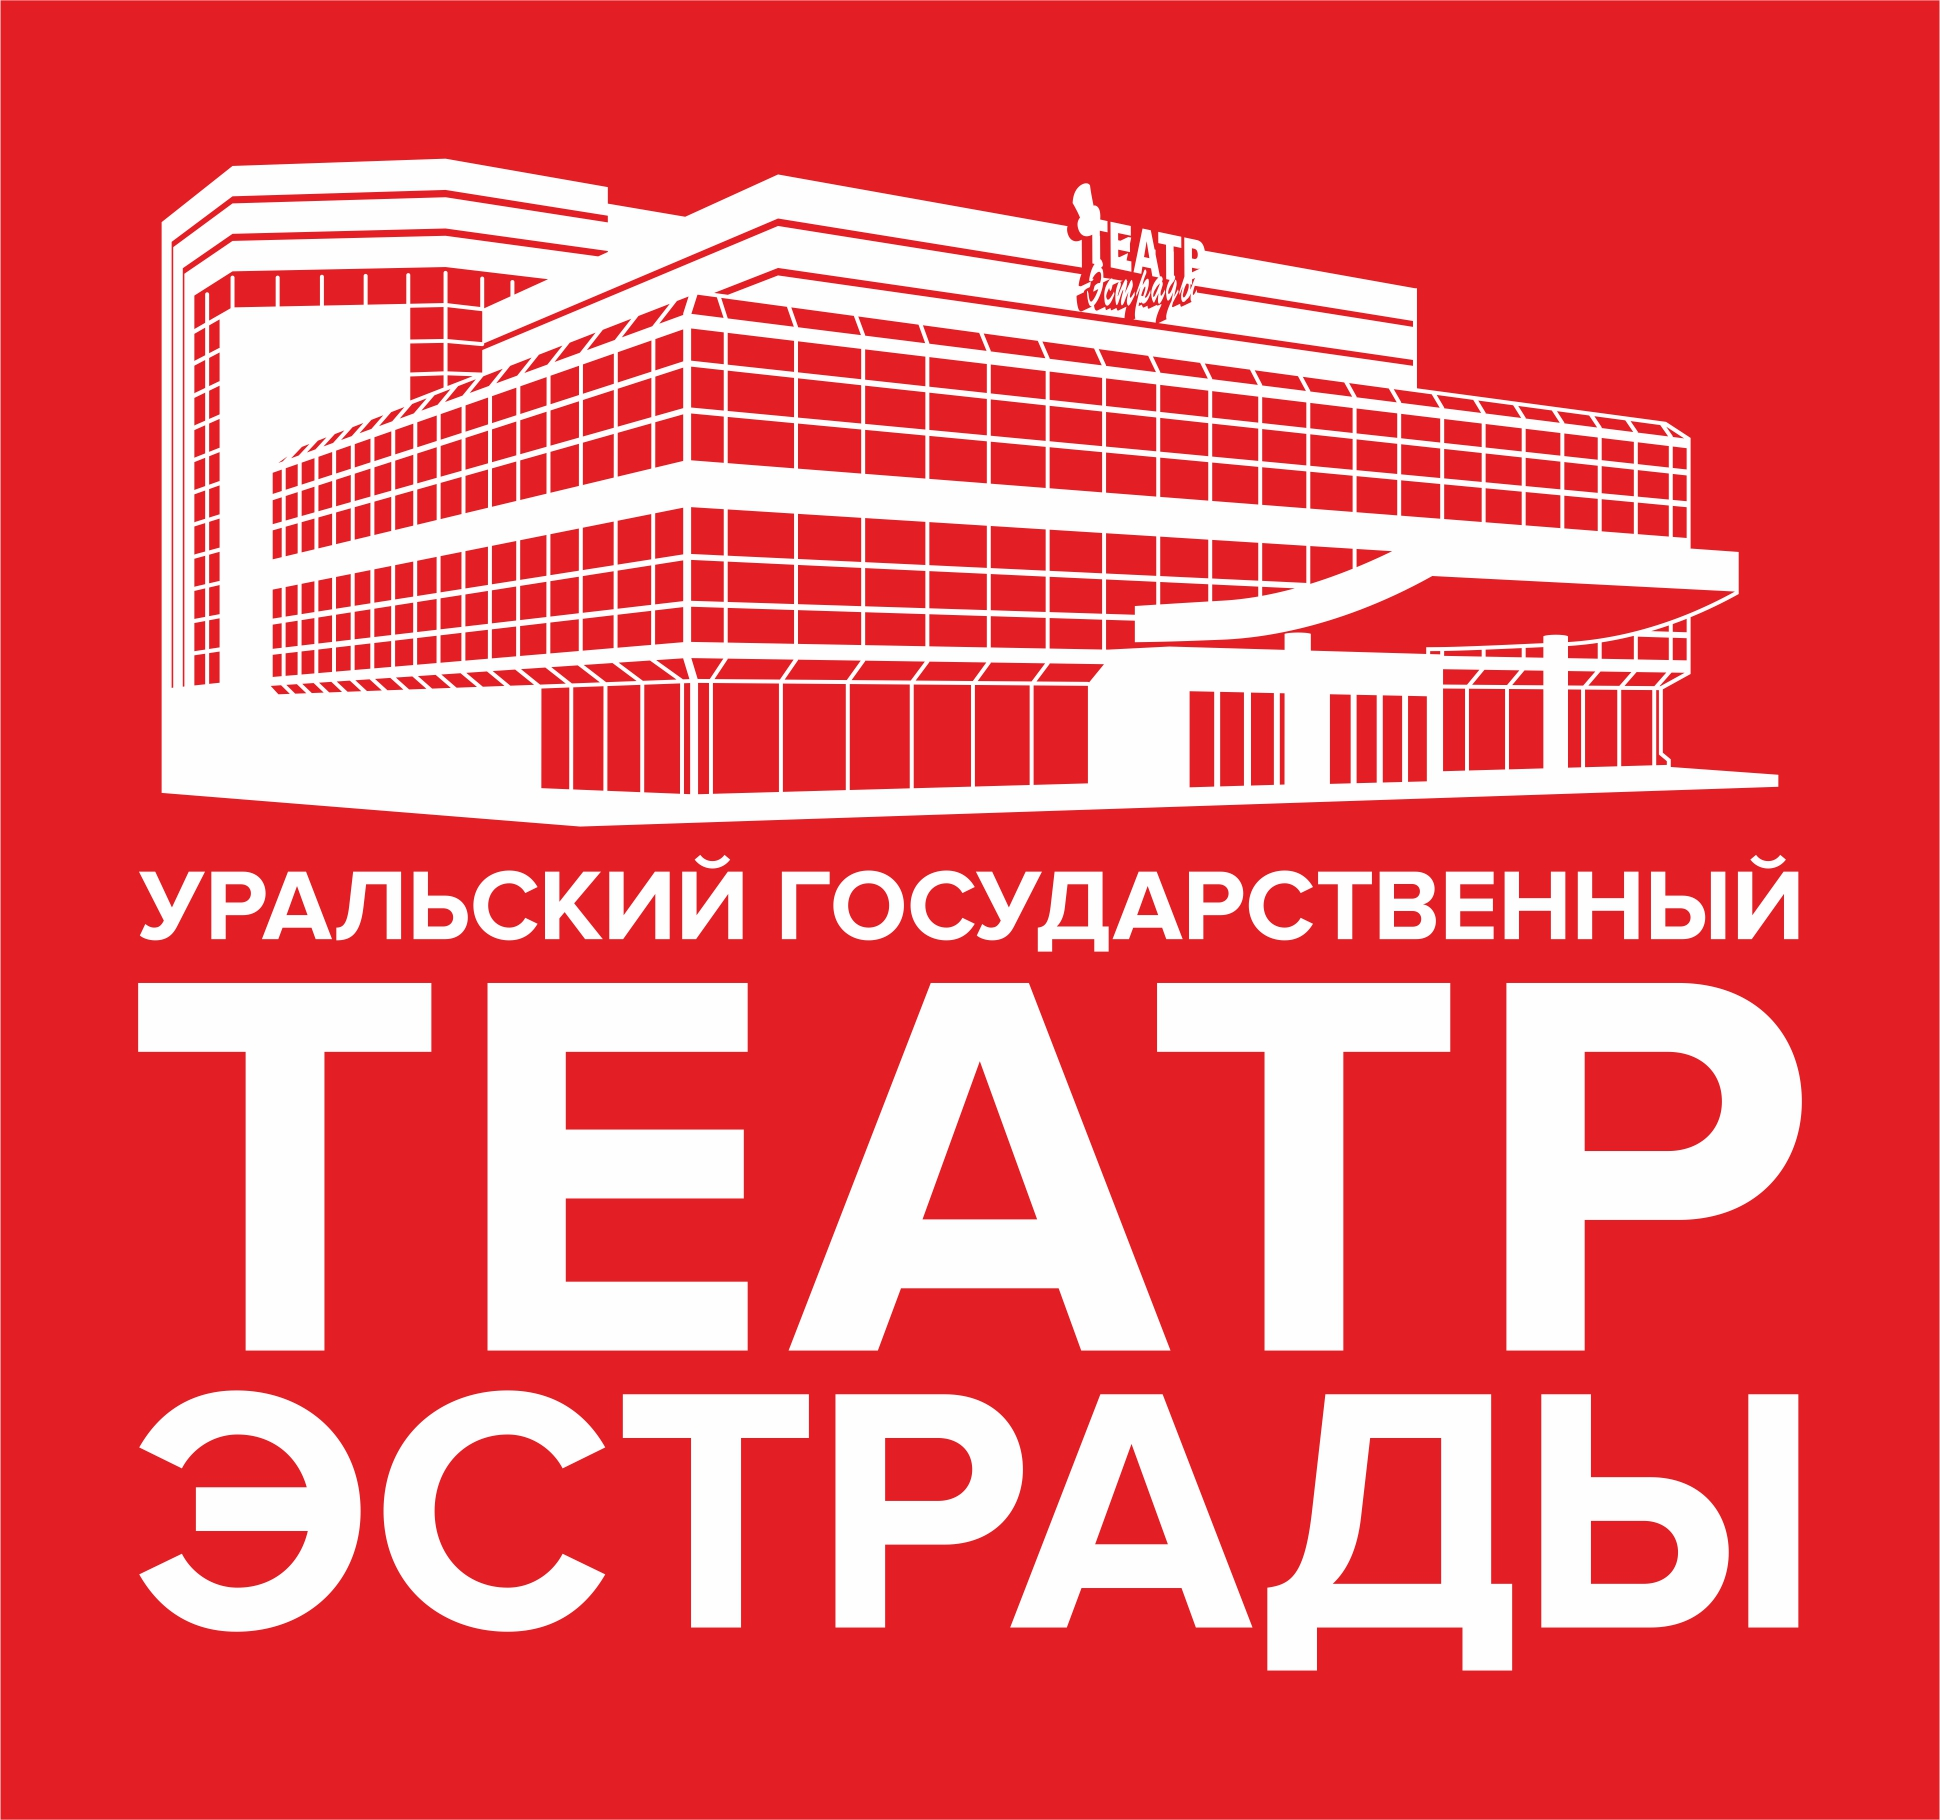 Купить билет в театр эстрады официальный сайт купить билеты на 30 декабря в театр